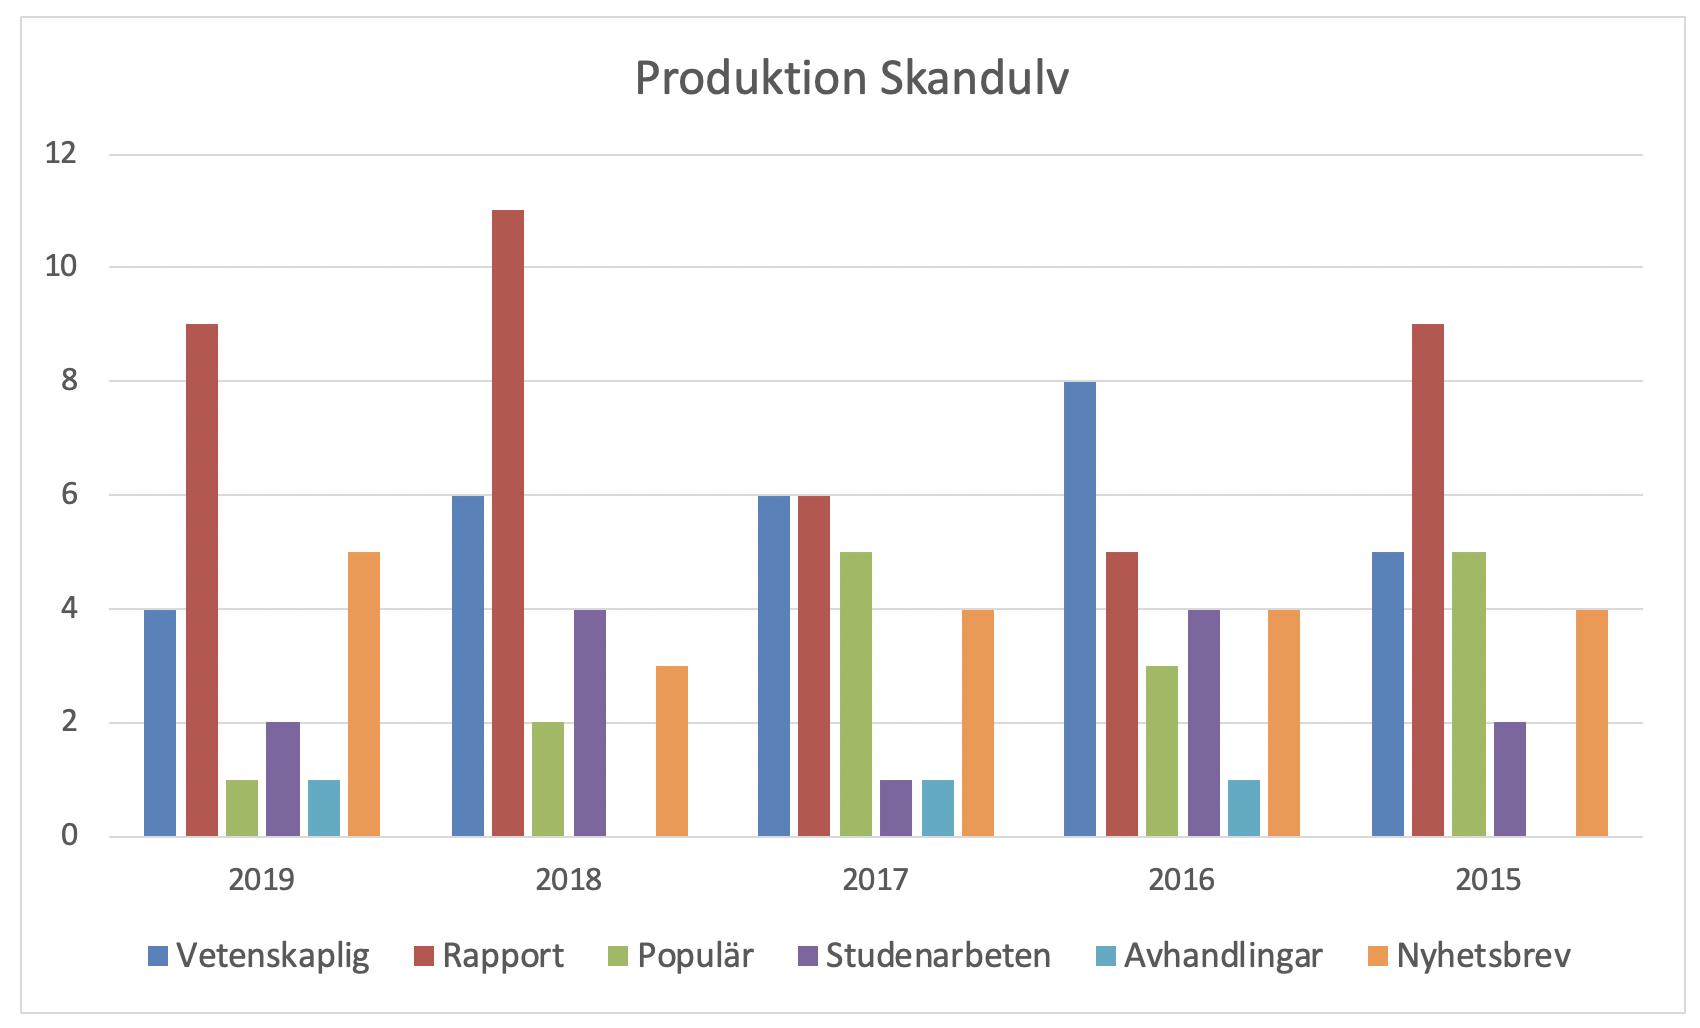 En sammanställning av produktionen från SKANDULVs hemsida för åren 2015-2019.